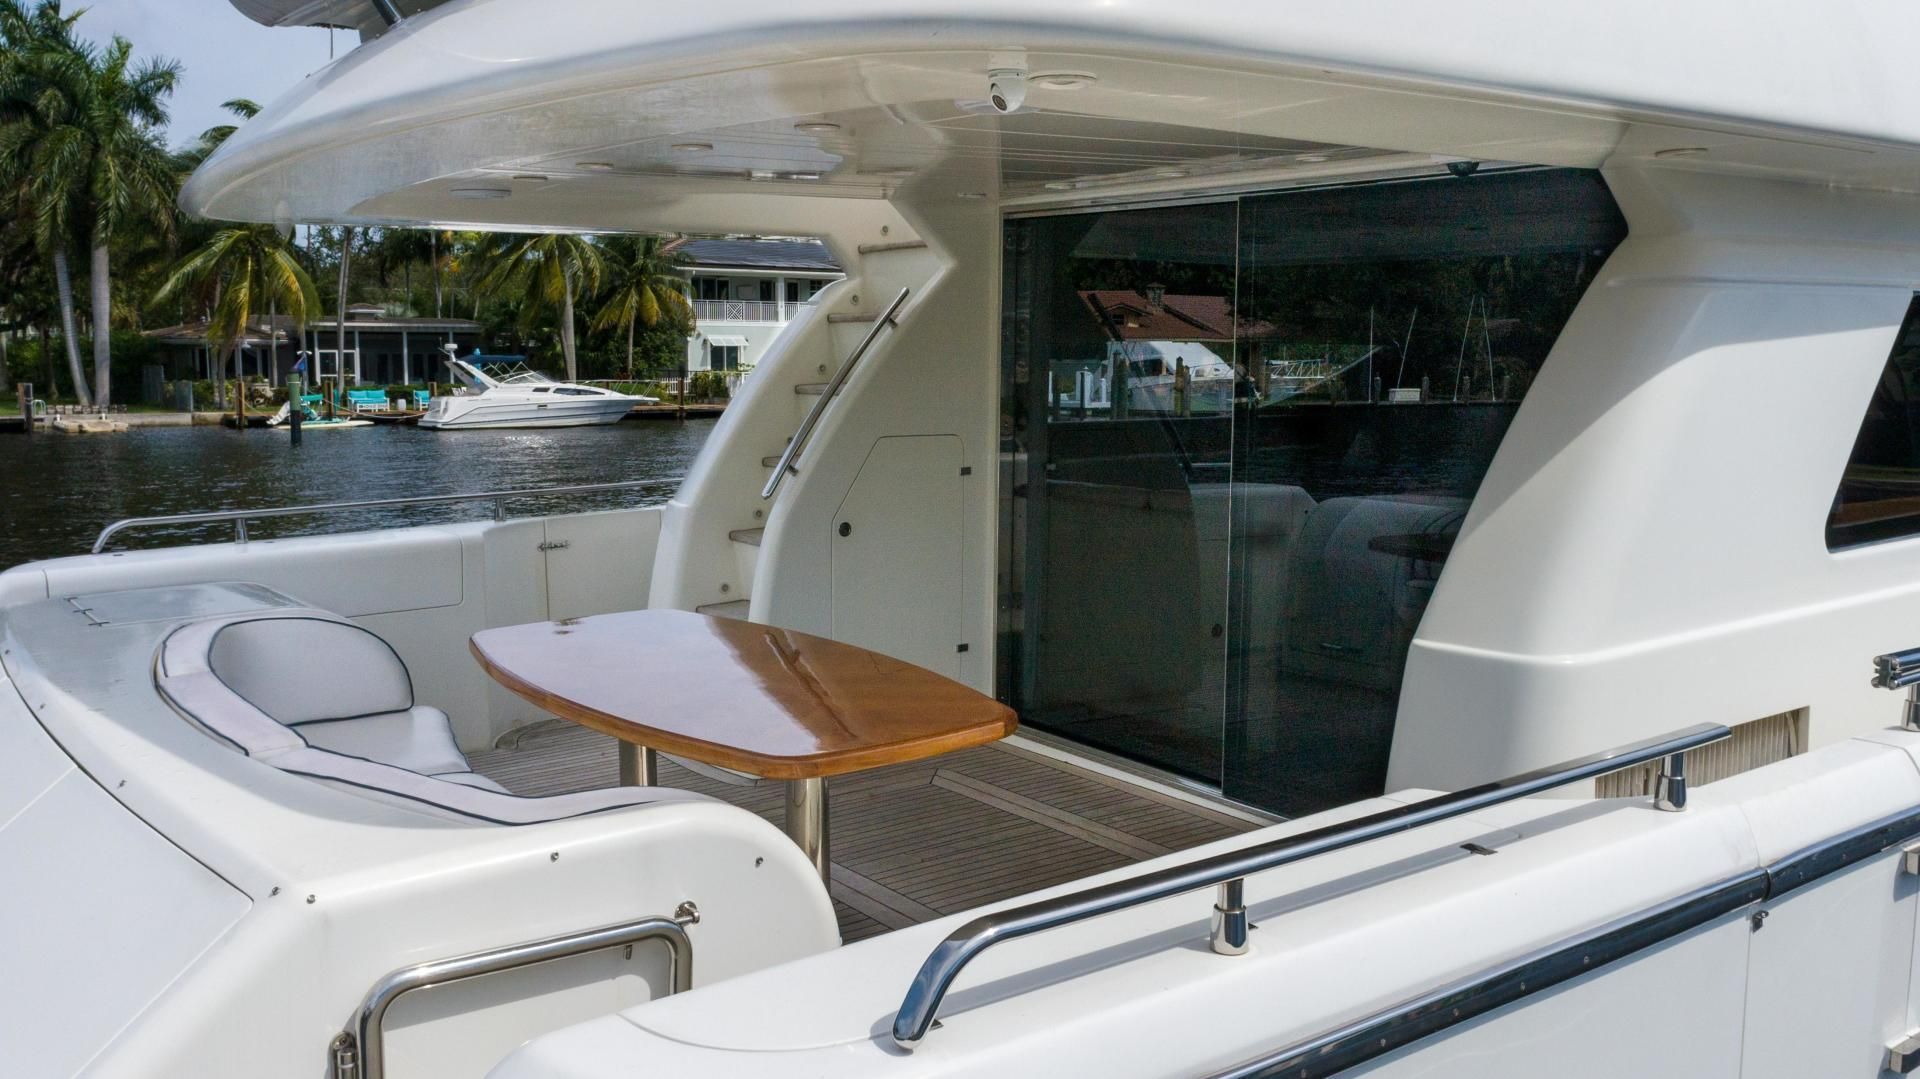 Uniesse-MY 2001-Foolish Pleasure Fort Lauderdale-Florida-United States-1510466 | Thumbnail